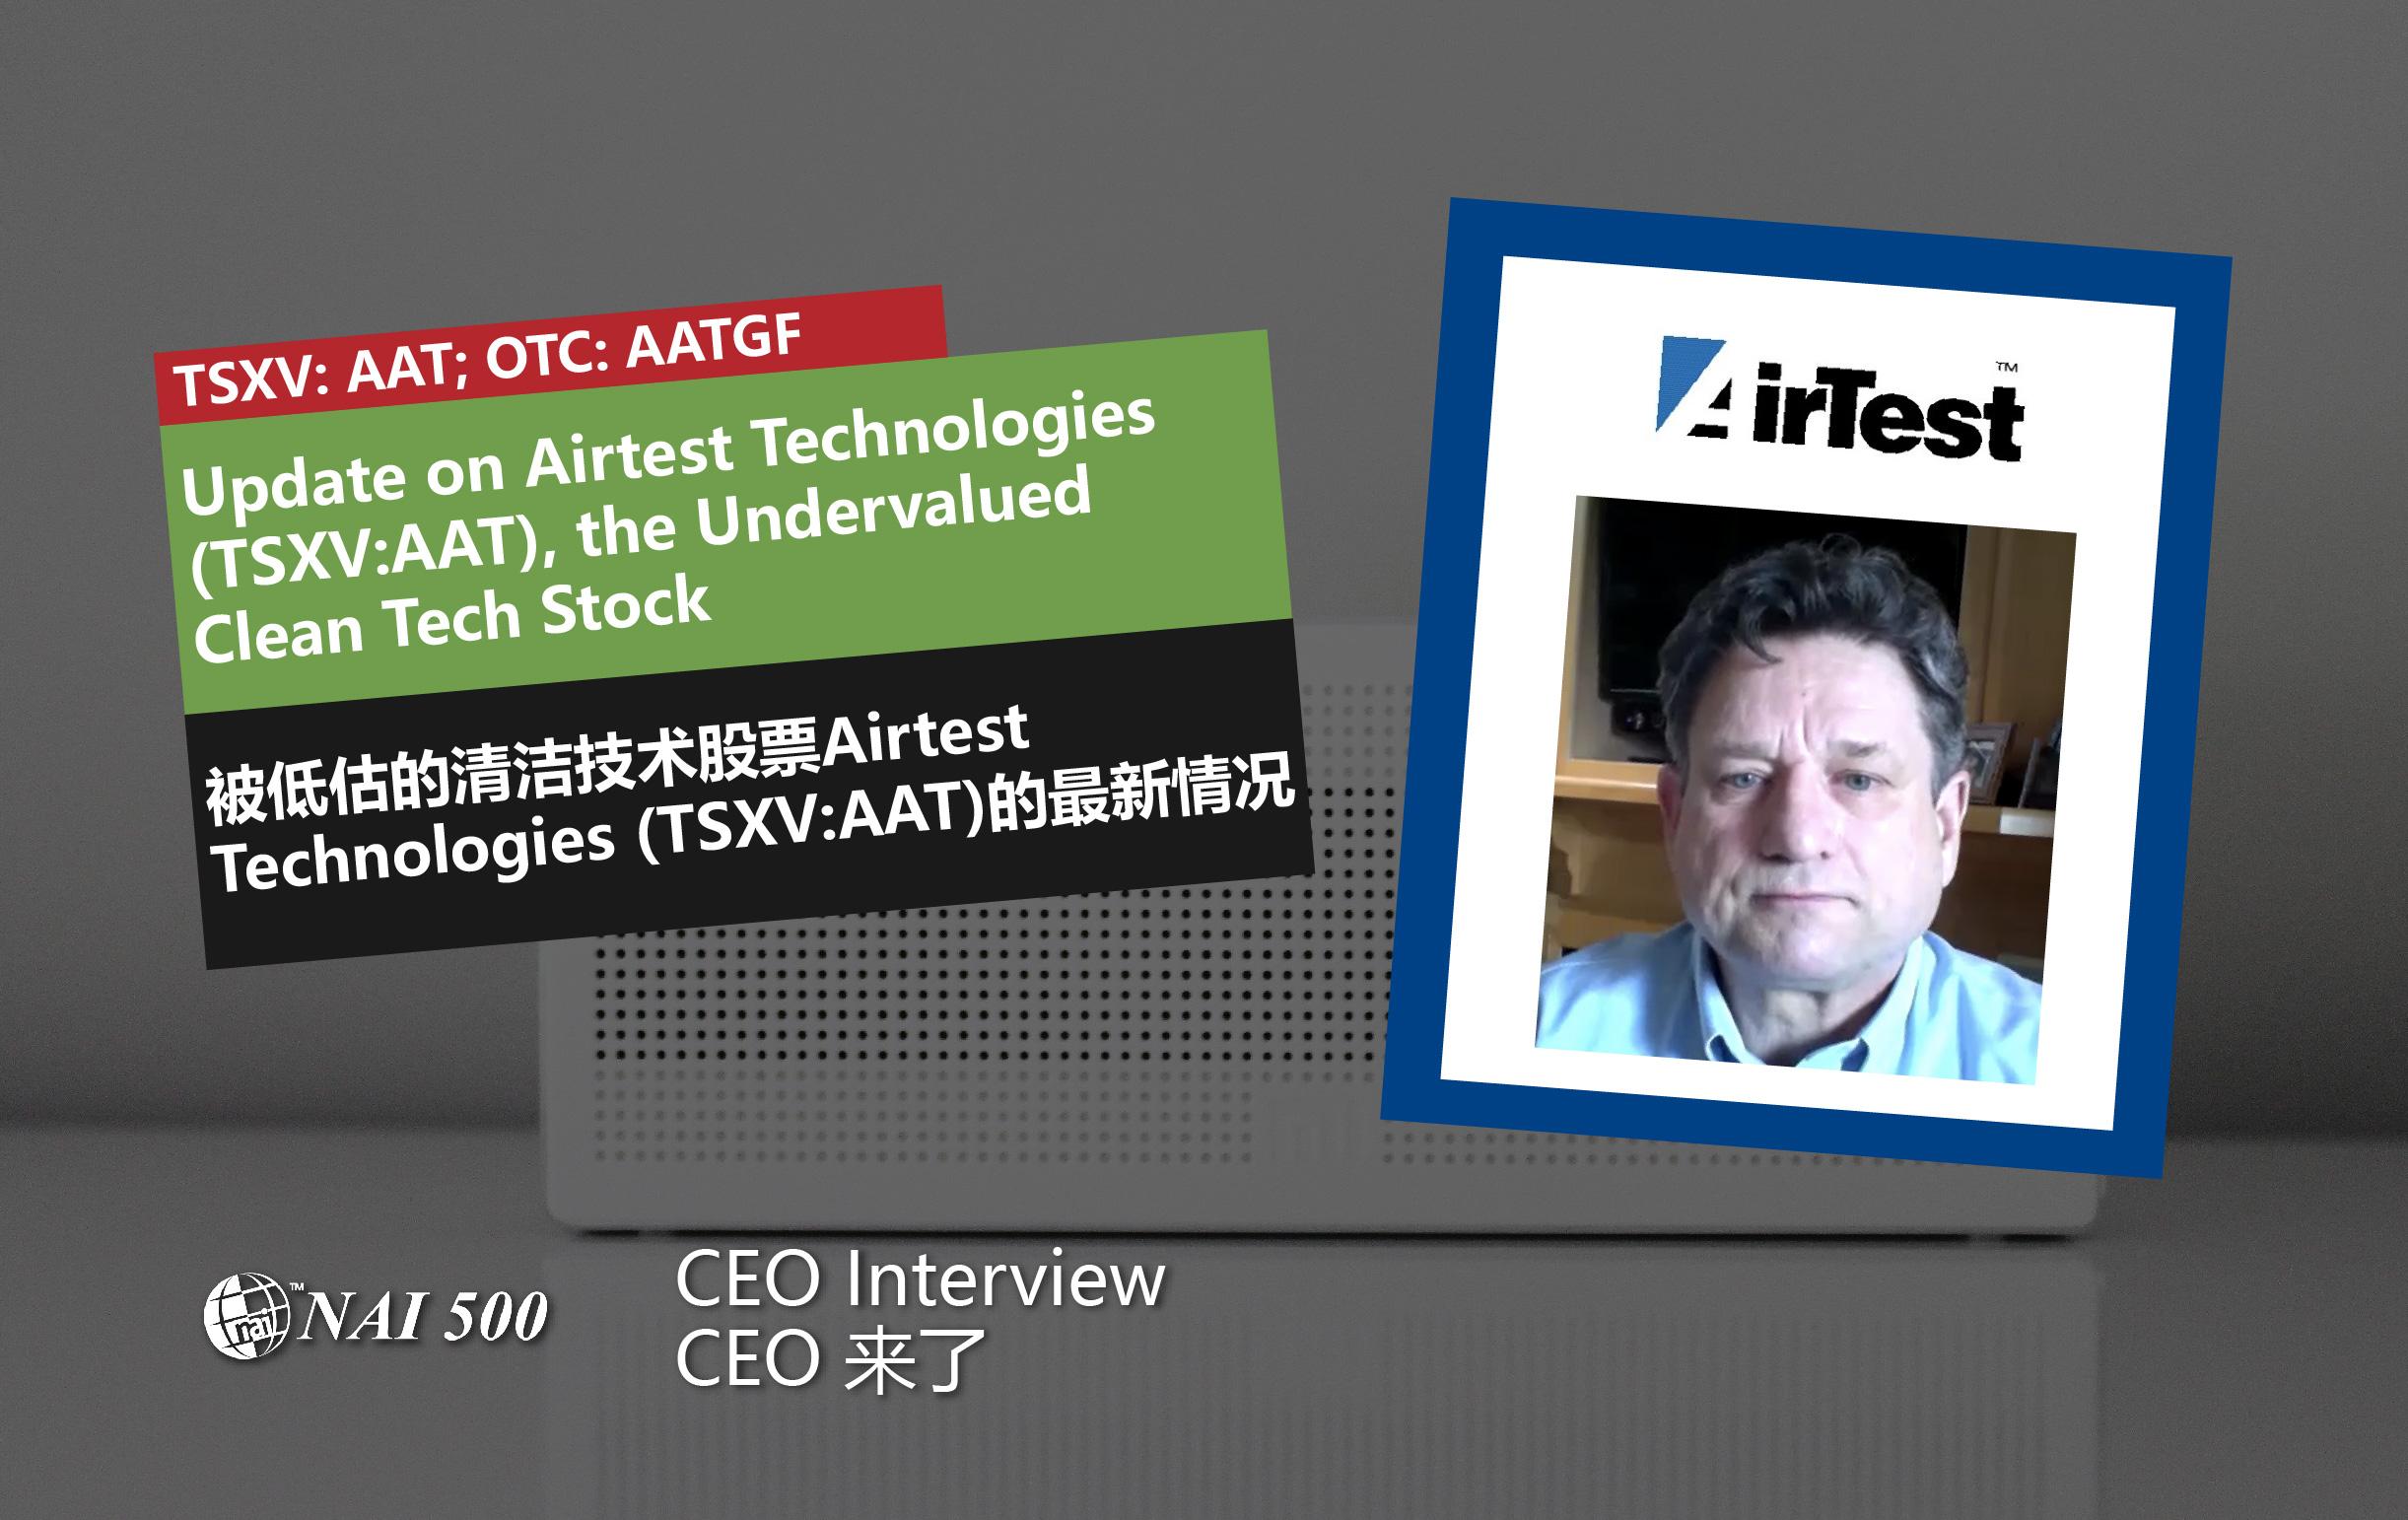 AirTest Technologies Inc. (TSXV: AAT; OTC: AATGF)